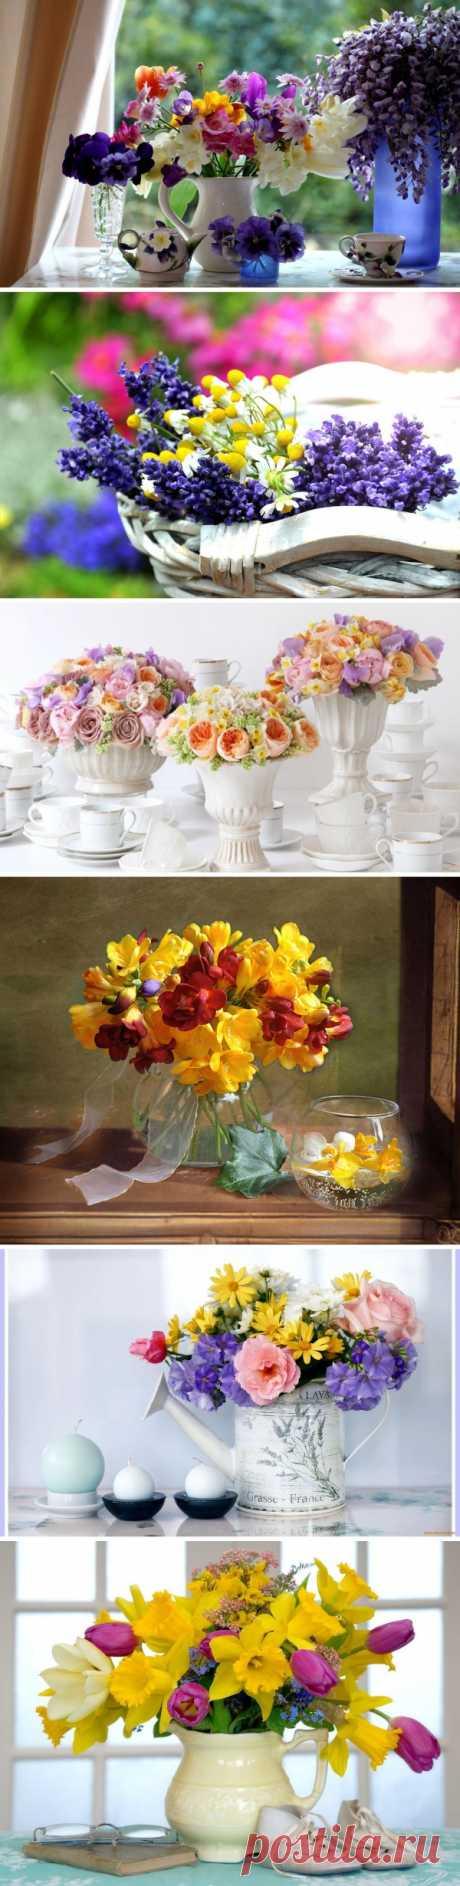 Вы любите цветы?  Живые цветы – это простой и доступный способ придать помещению весеннее настроение, неповторимость и свежесть. Букеты для настроения!